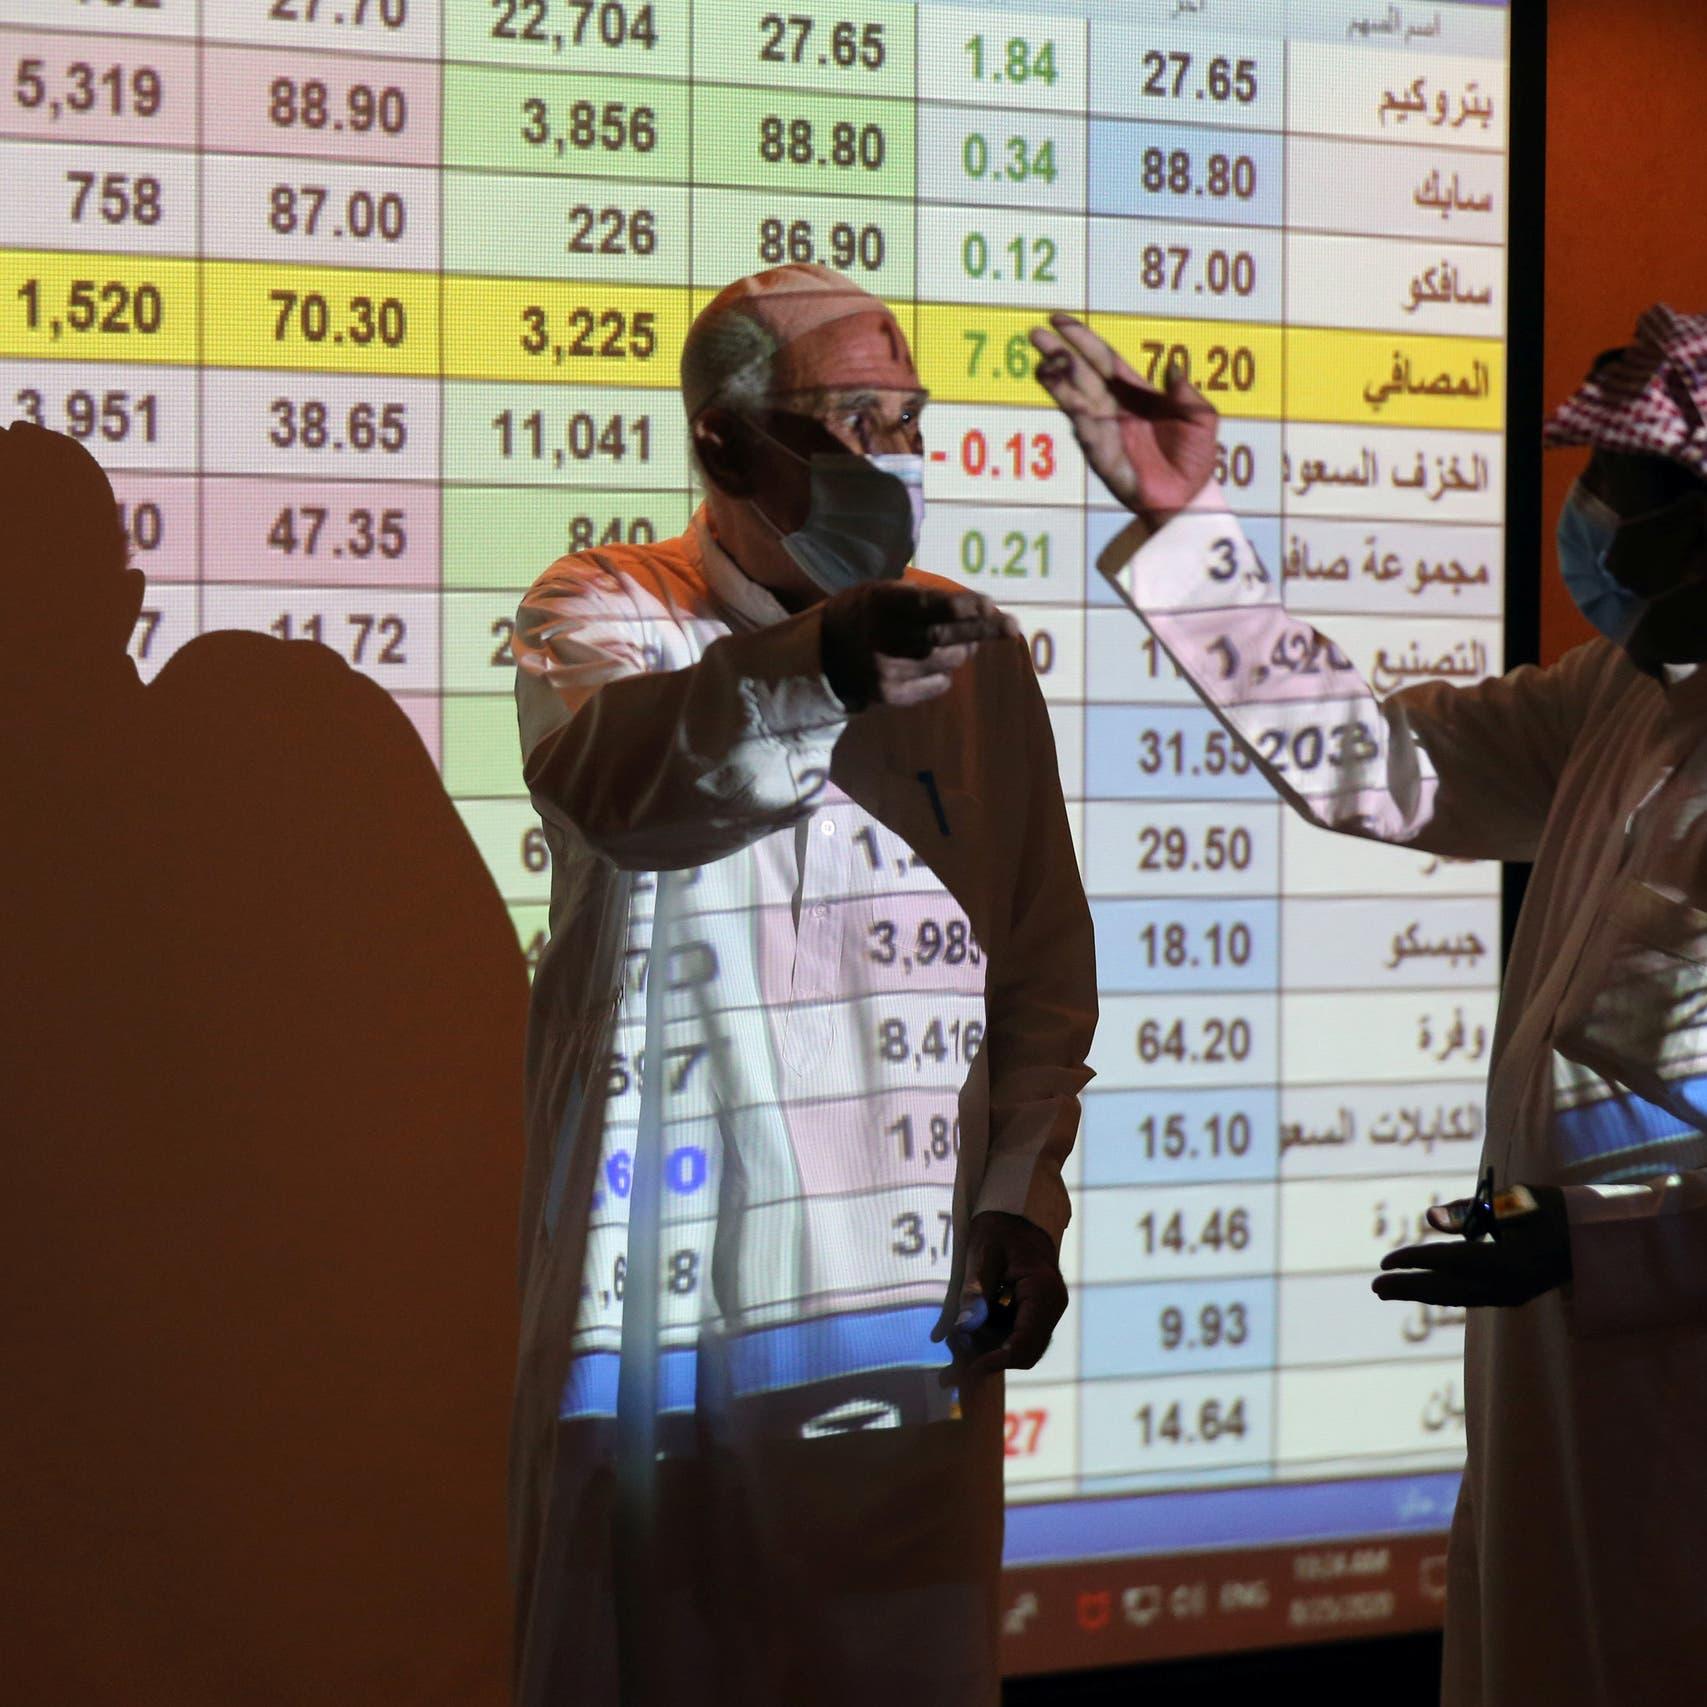 قيود أشد على الصفقات الخاصة في سوق الأسهم السعودية